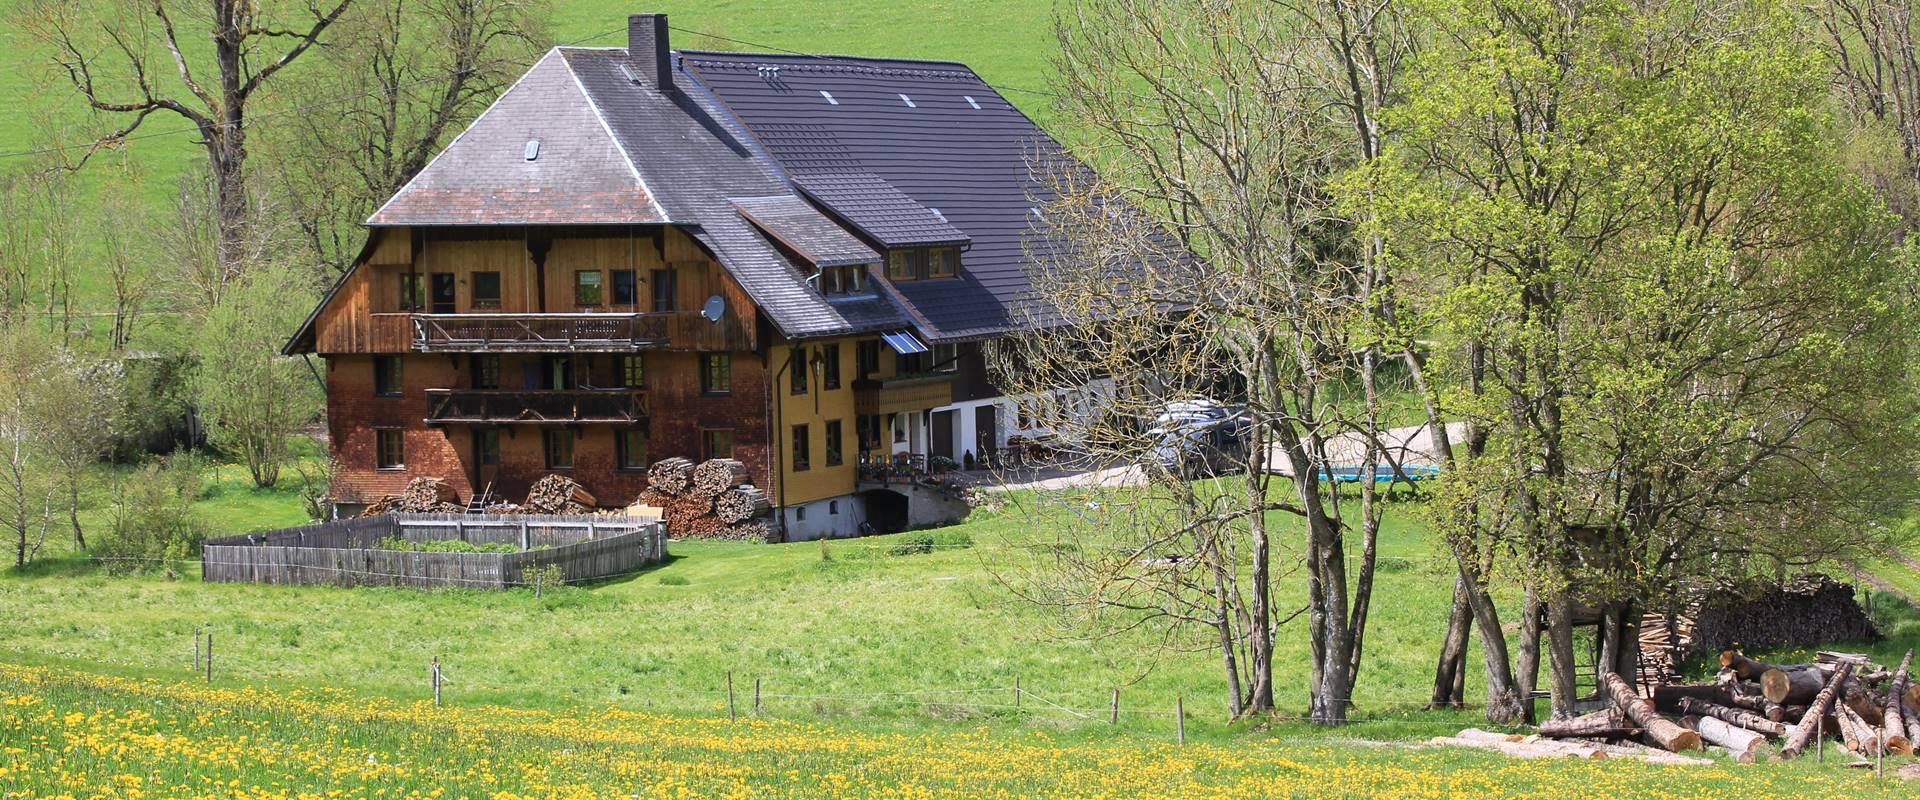 griesbachhof schwarzwald urlaub auf dem traditionellen bauernhof. Black Bedroom Furniture Sets. Home Design Ideas